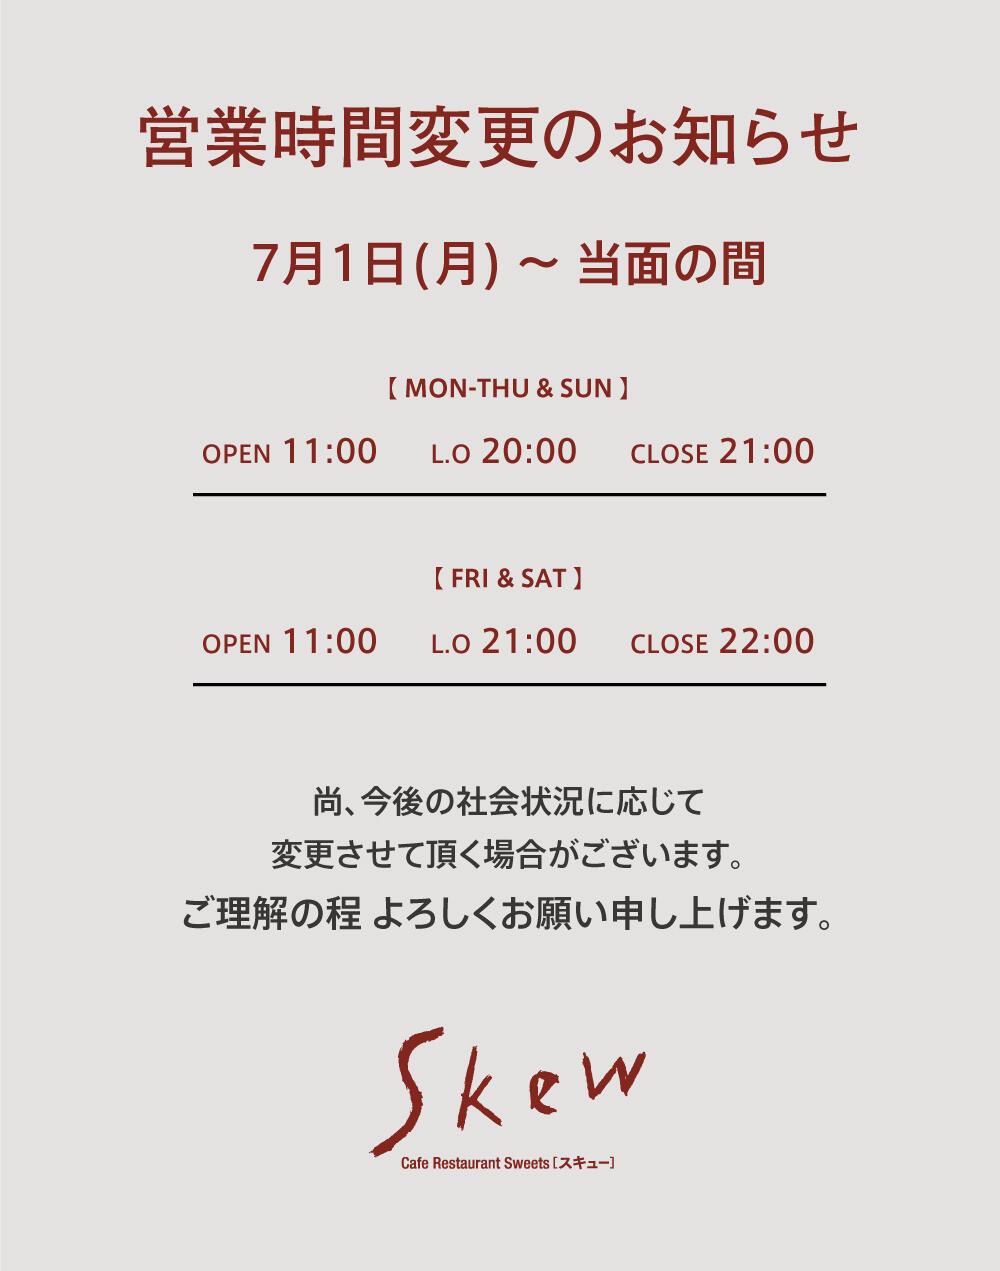 skew_200630_営業時間変更.jpg